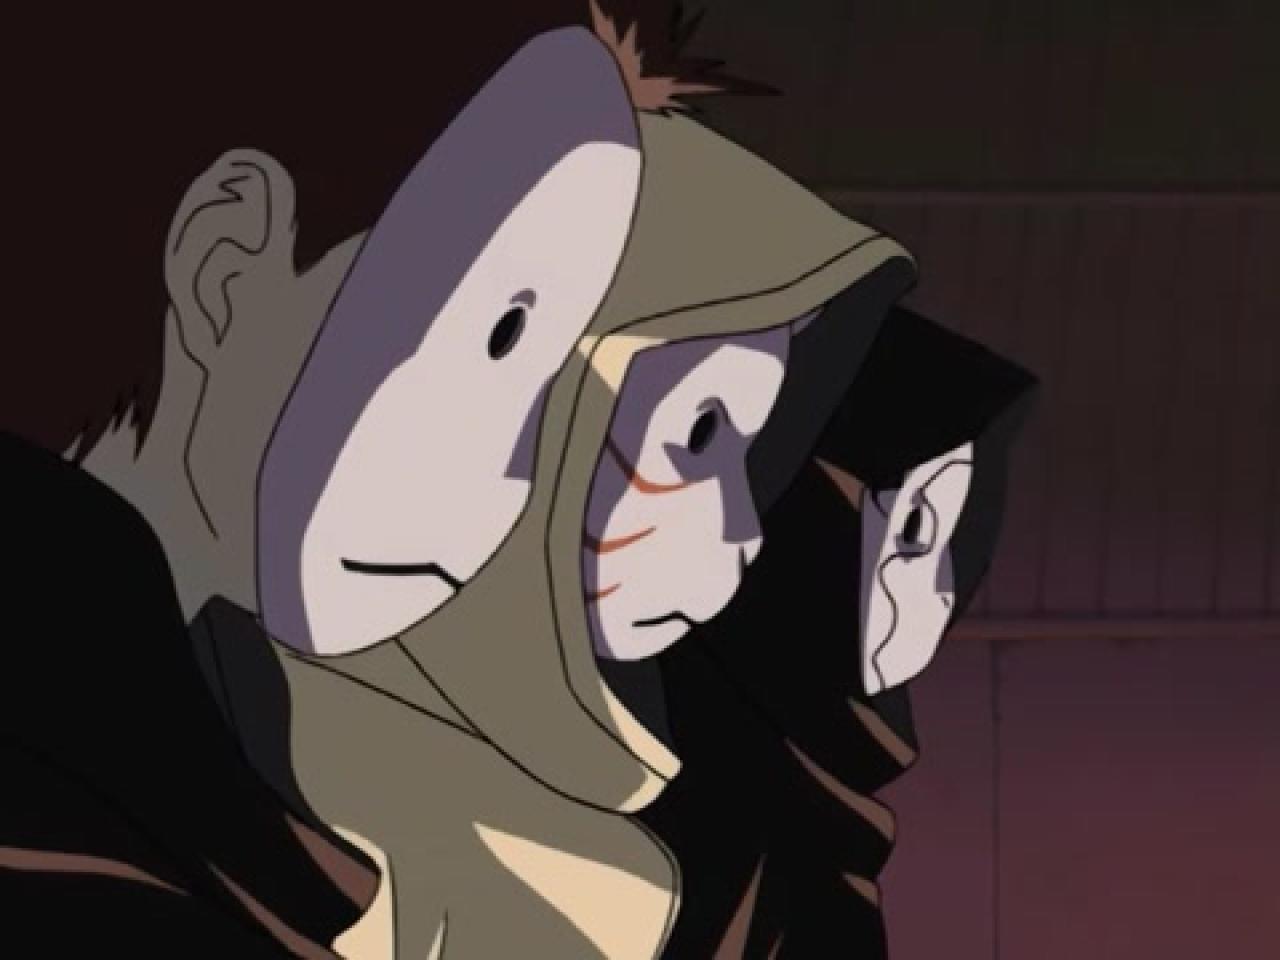 Naruto - Episódio 198: A Anbu Desiste? A Recordação de Naruto